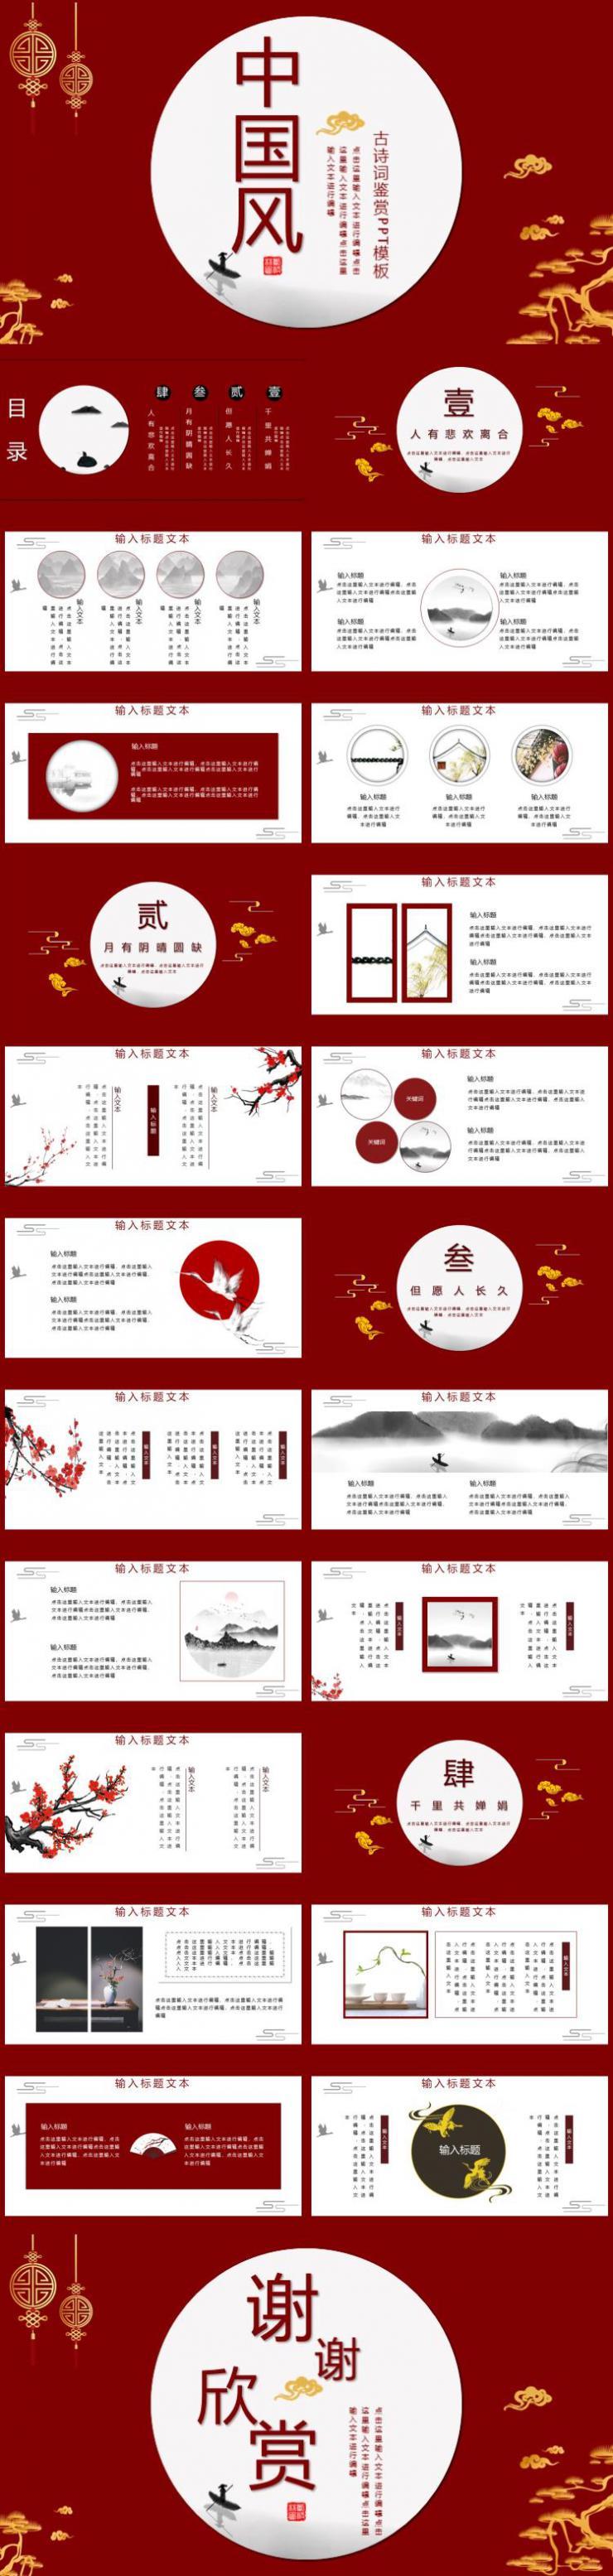 中国风计划总结PPT模板下载